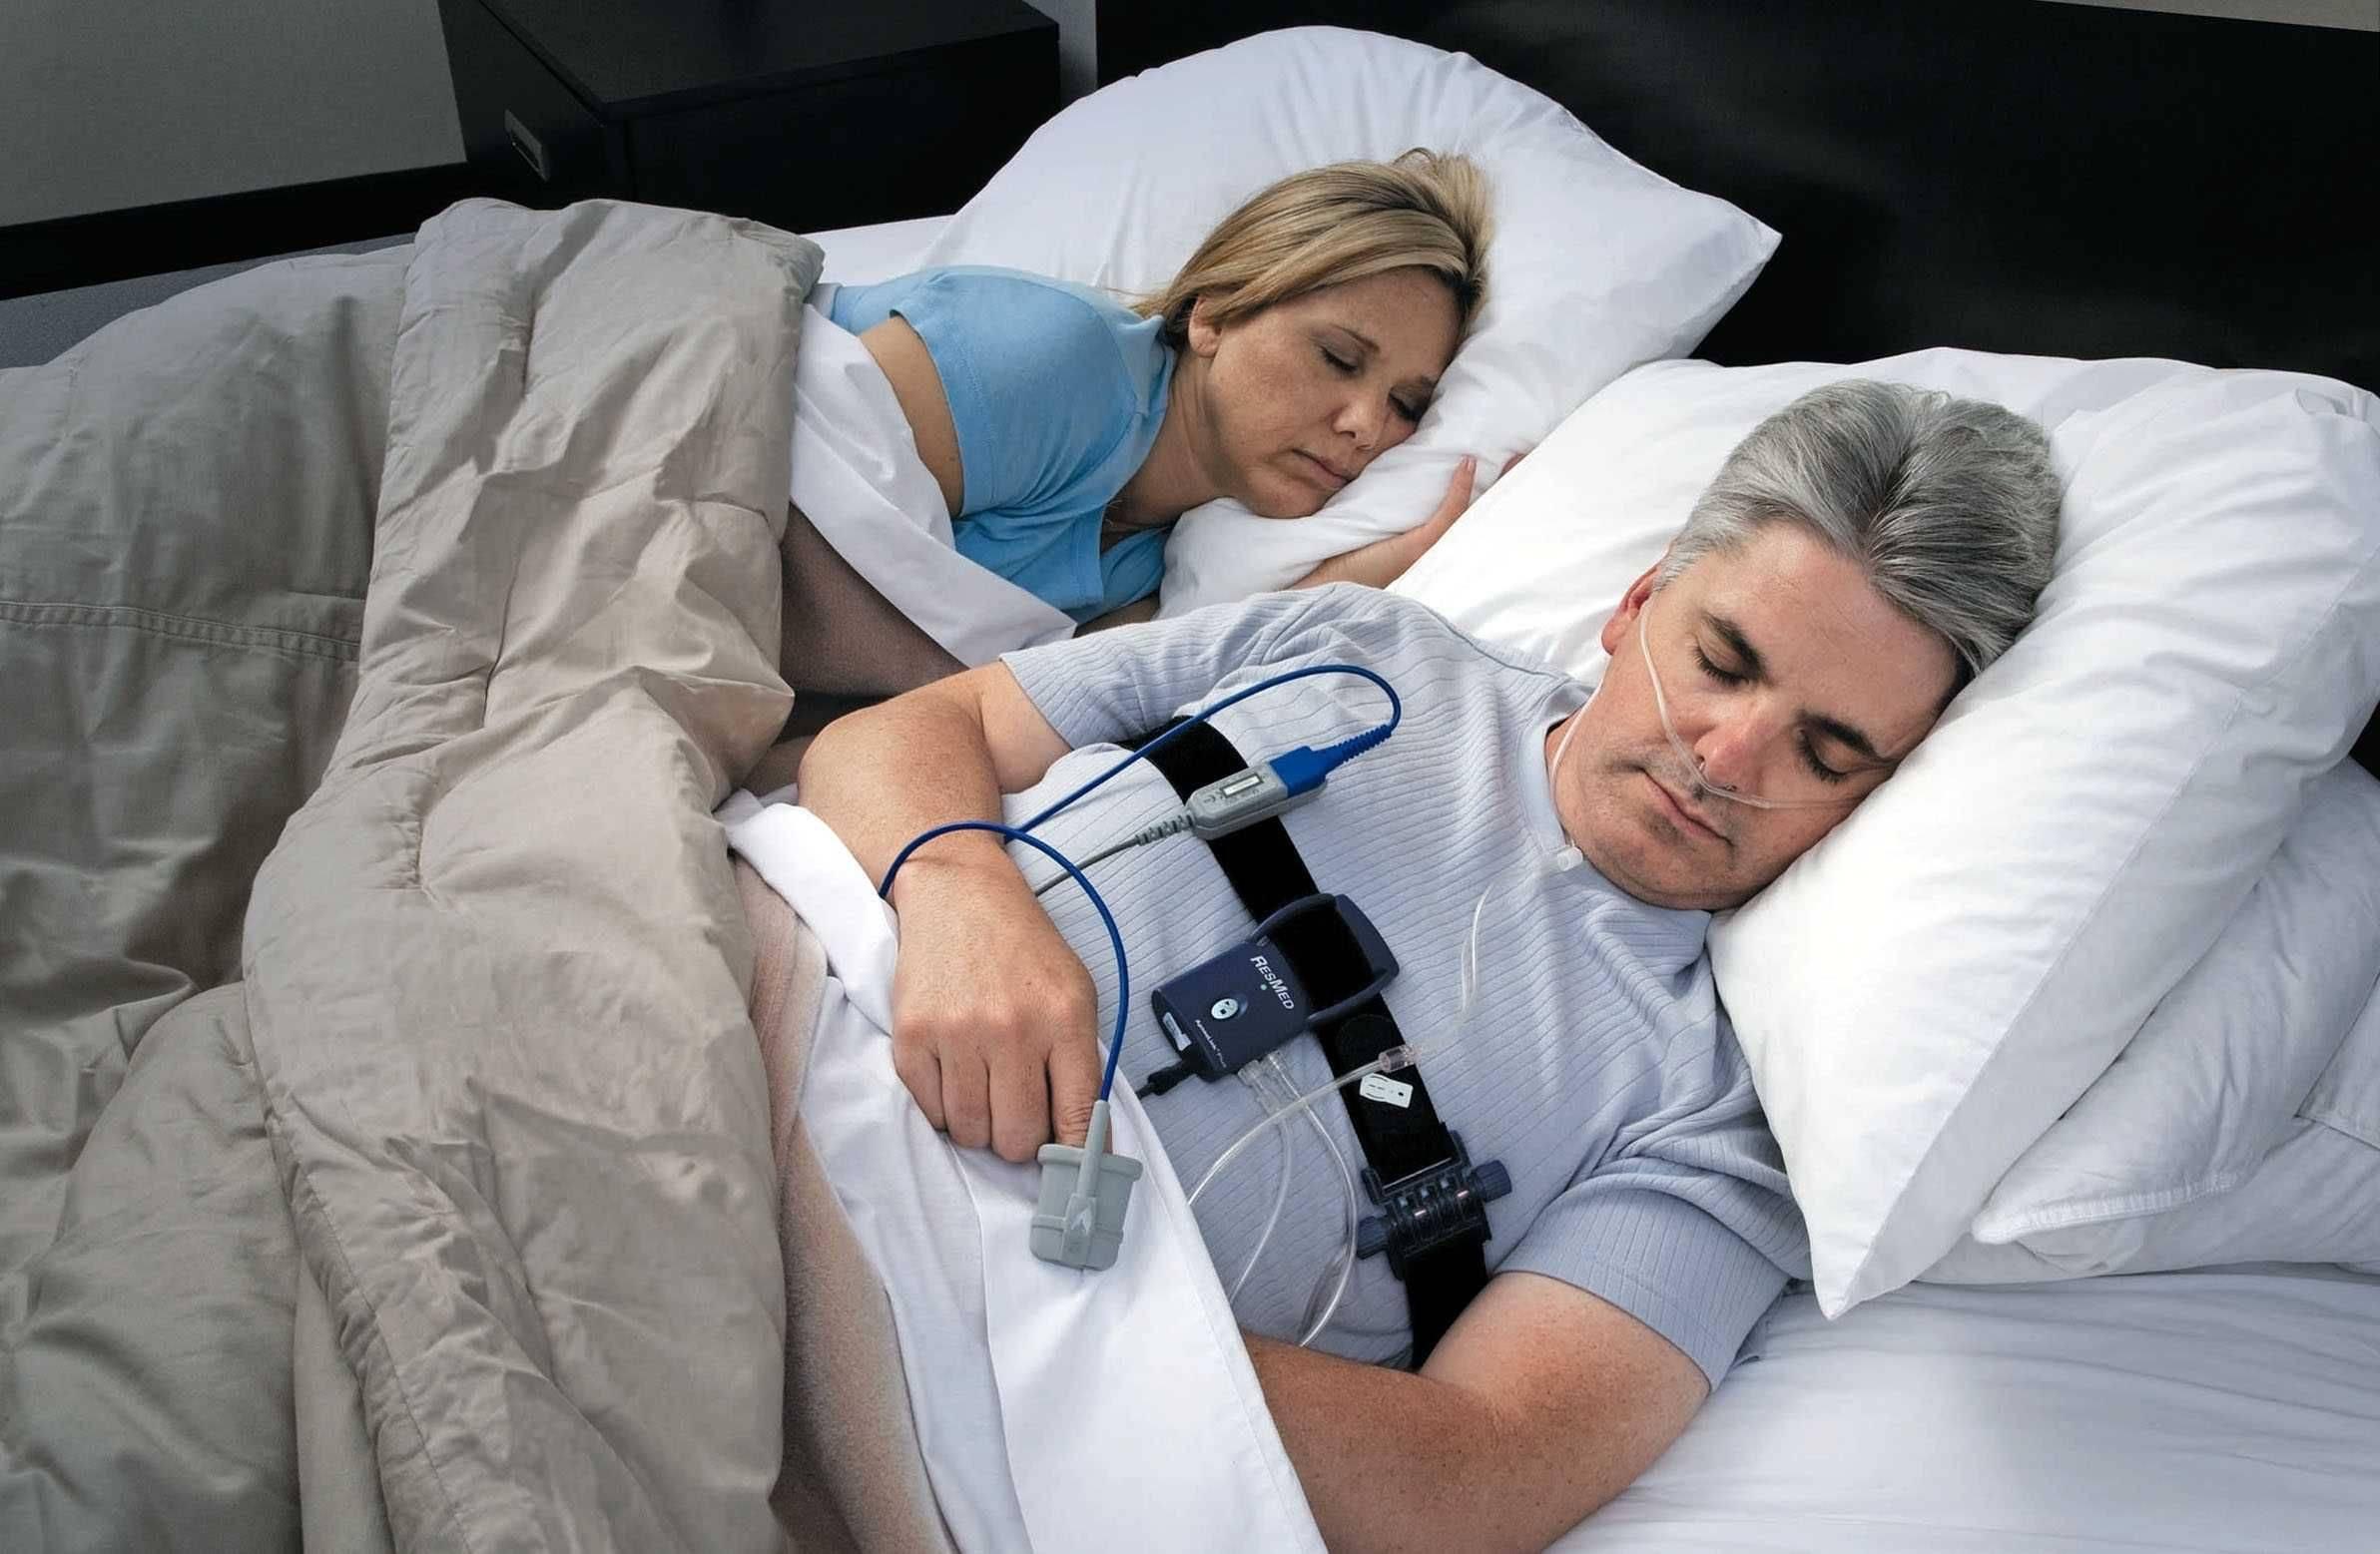 Сипап аппарат — цена, показания для назначения терапии и эффективность